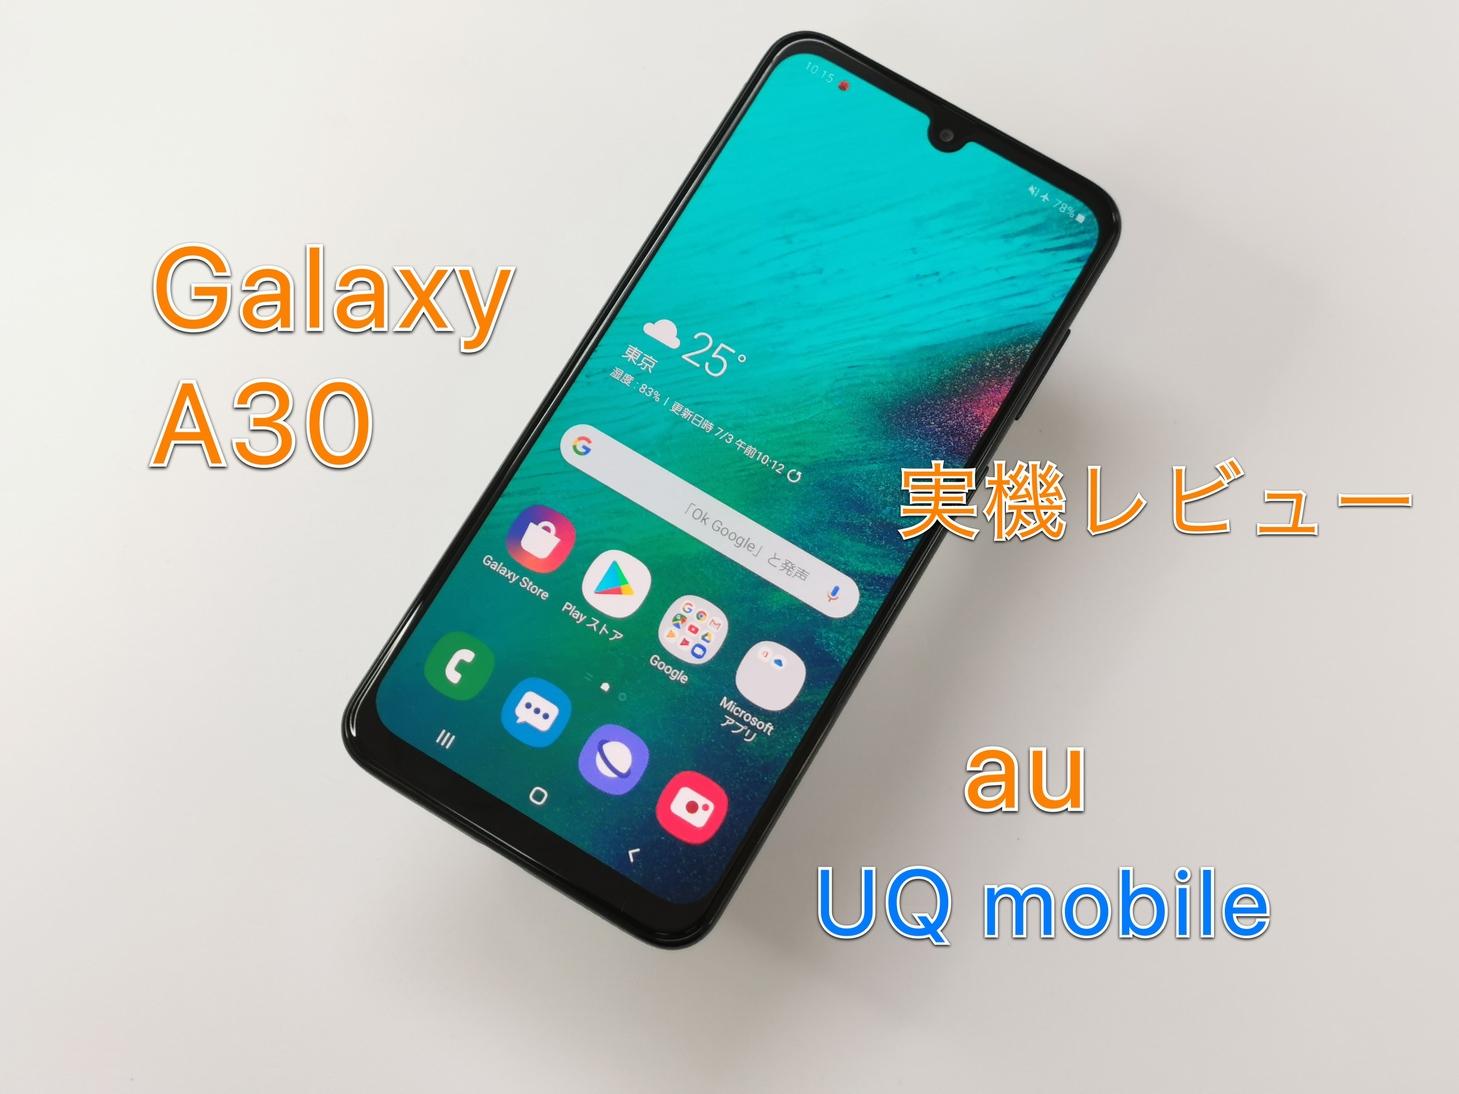 Galaxy A30レビュー UQモバイル版は性能・機能・バッテリー・ディスプレイが優れた良コスパ格安スマホに【キャッシュバック情報あり】